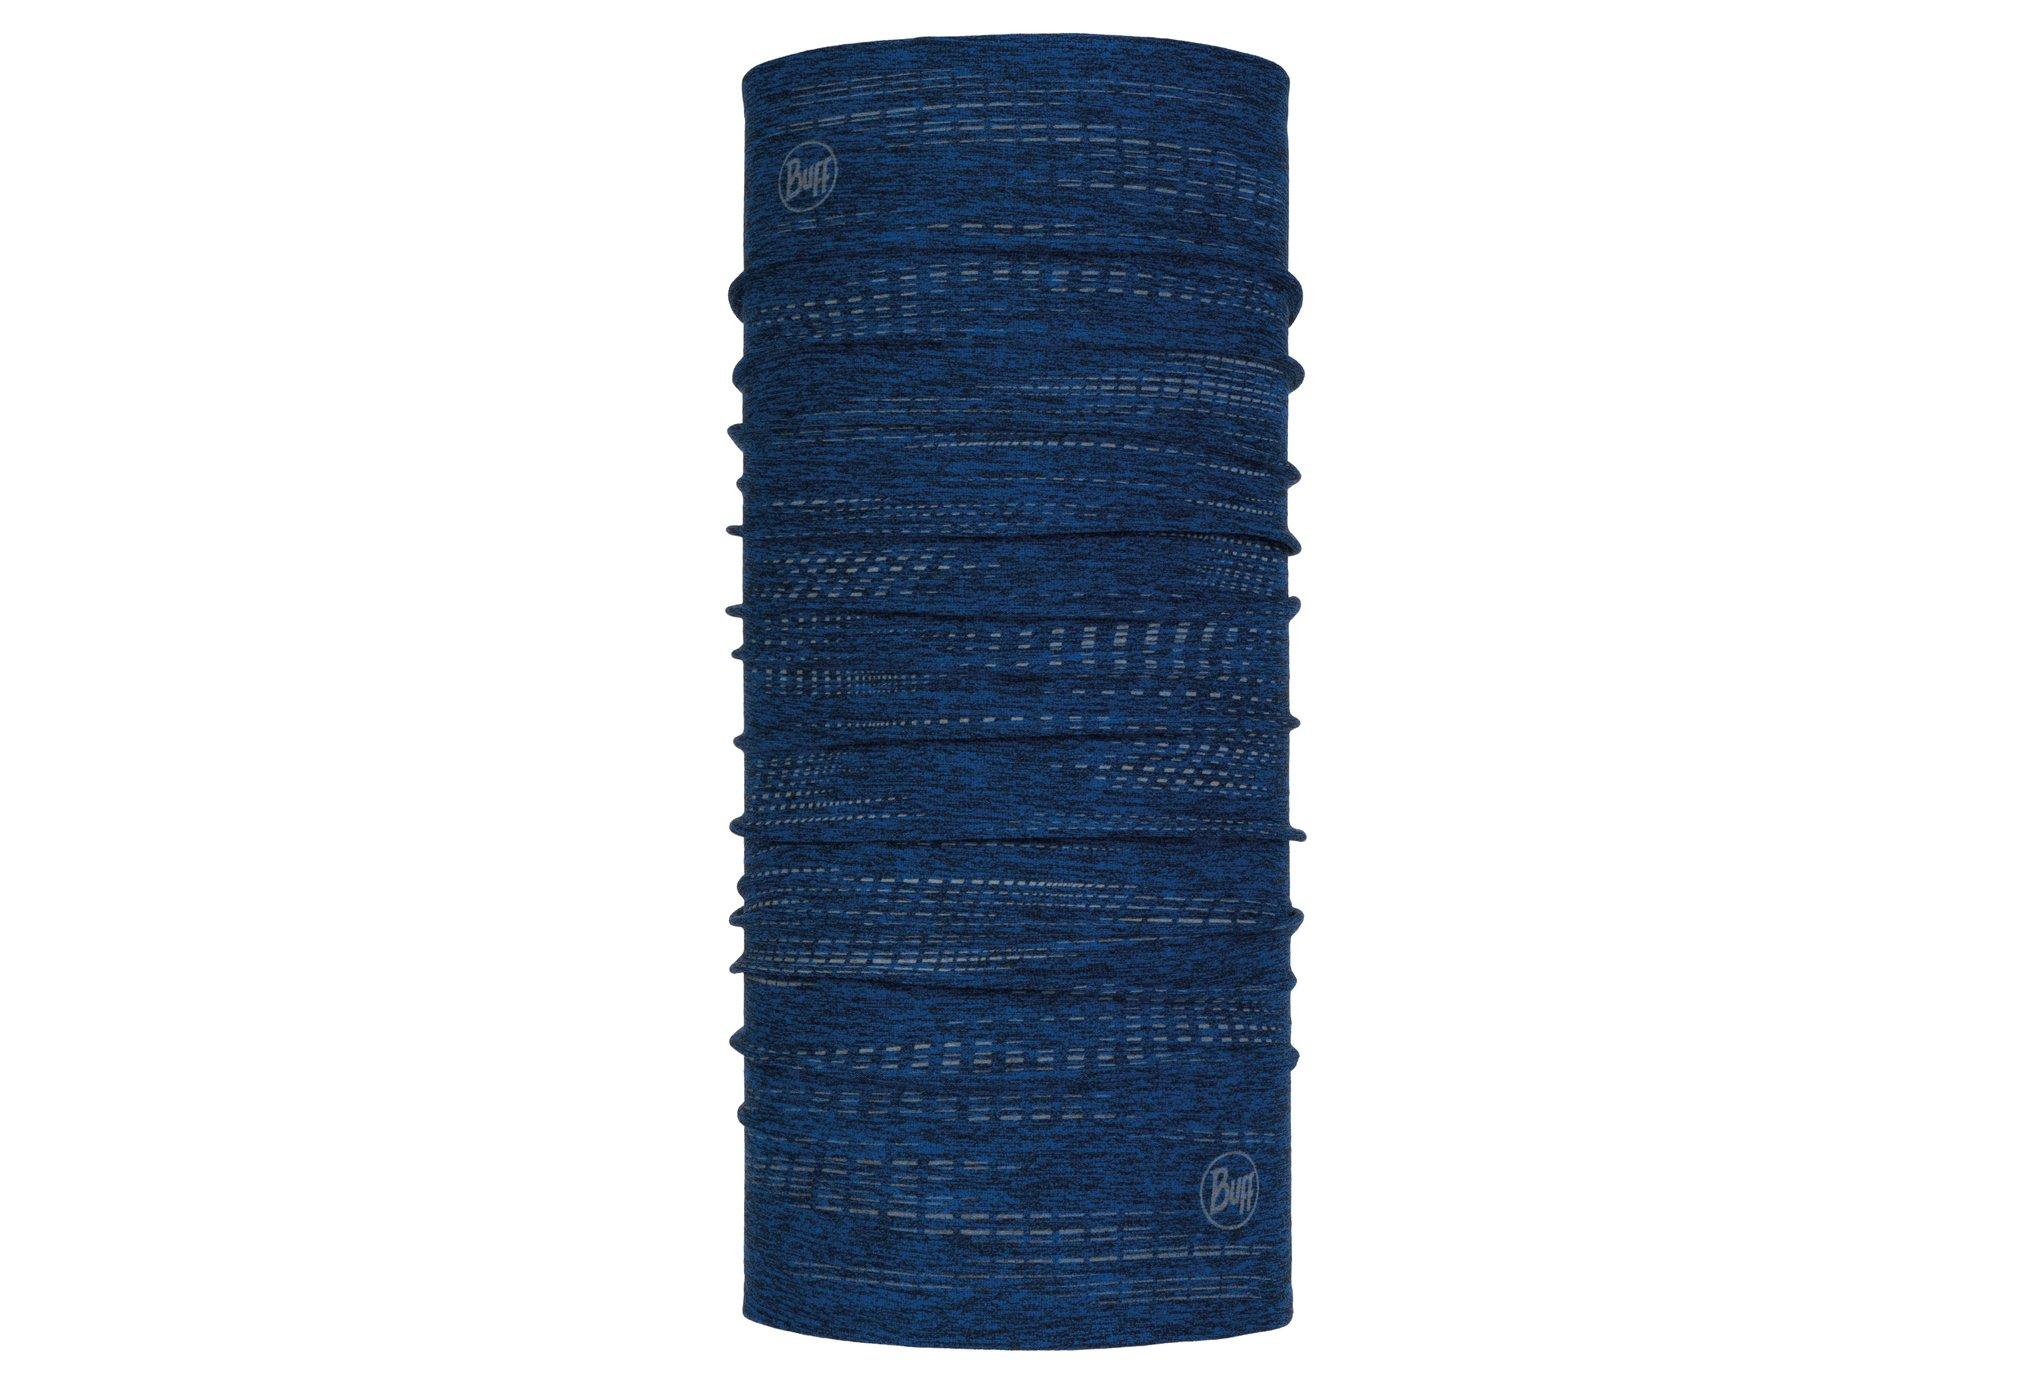 Buff Dryflx R-Blue Tours de cou